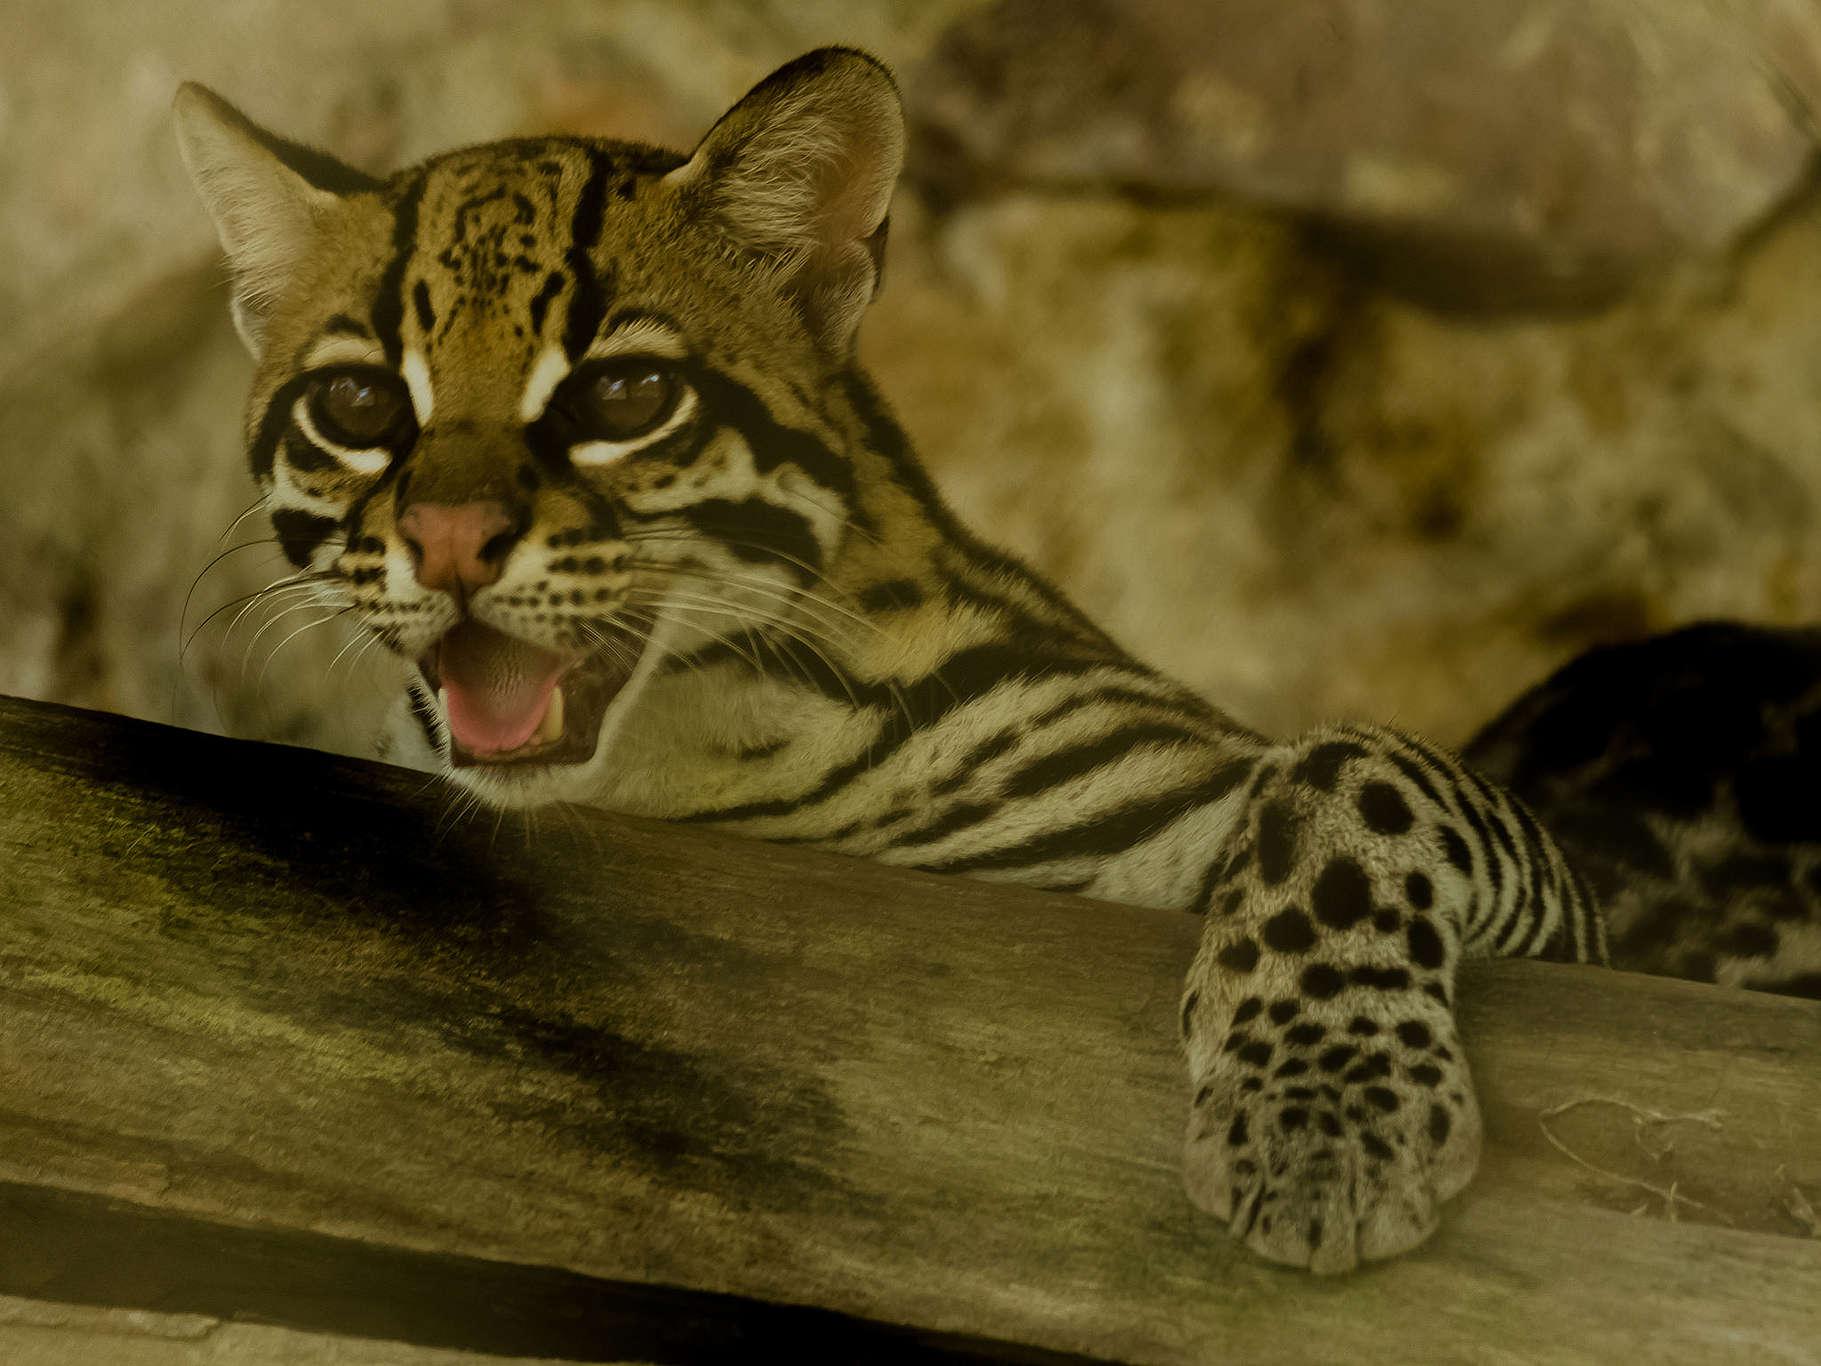 Jaguatirica (Leopardus pardalis) é um dos mamíferos do topo da cadeia alimentar área da Serra do Espinhaço